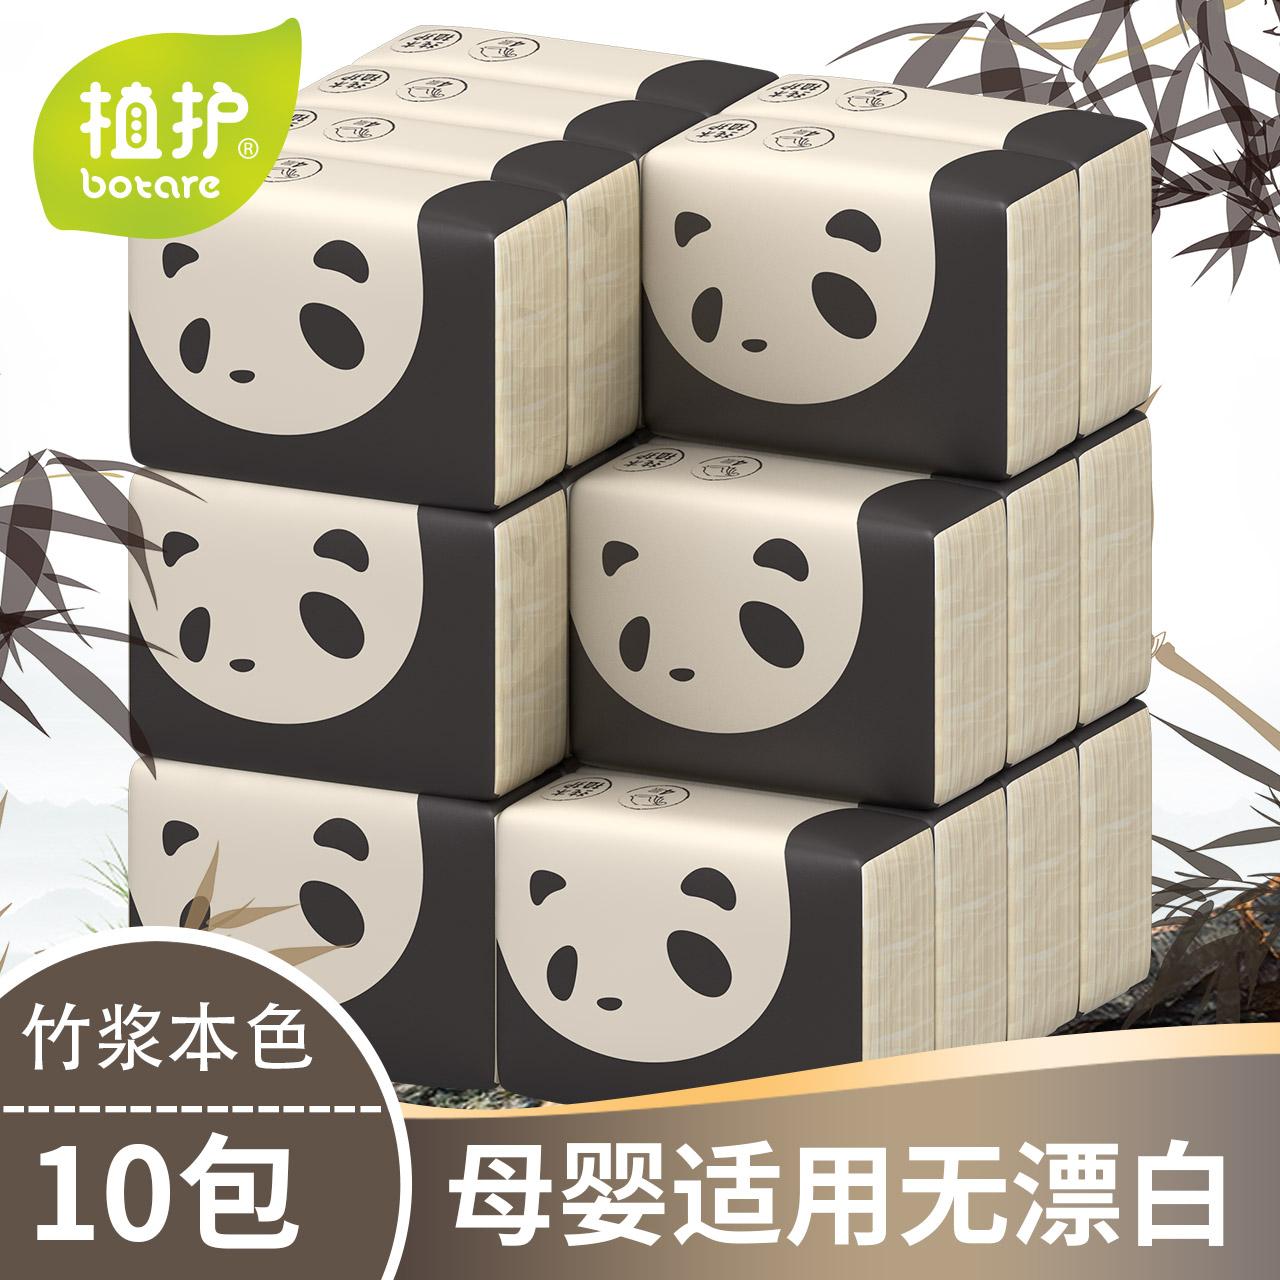 植护竹浆10包本色抽纸面巾纸巾餐巾家用卫生纸家庭装整箱批发婴儿